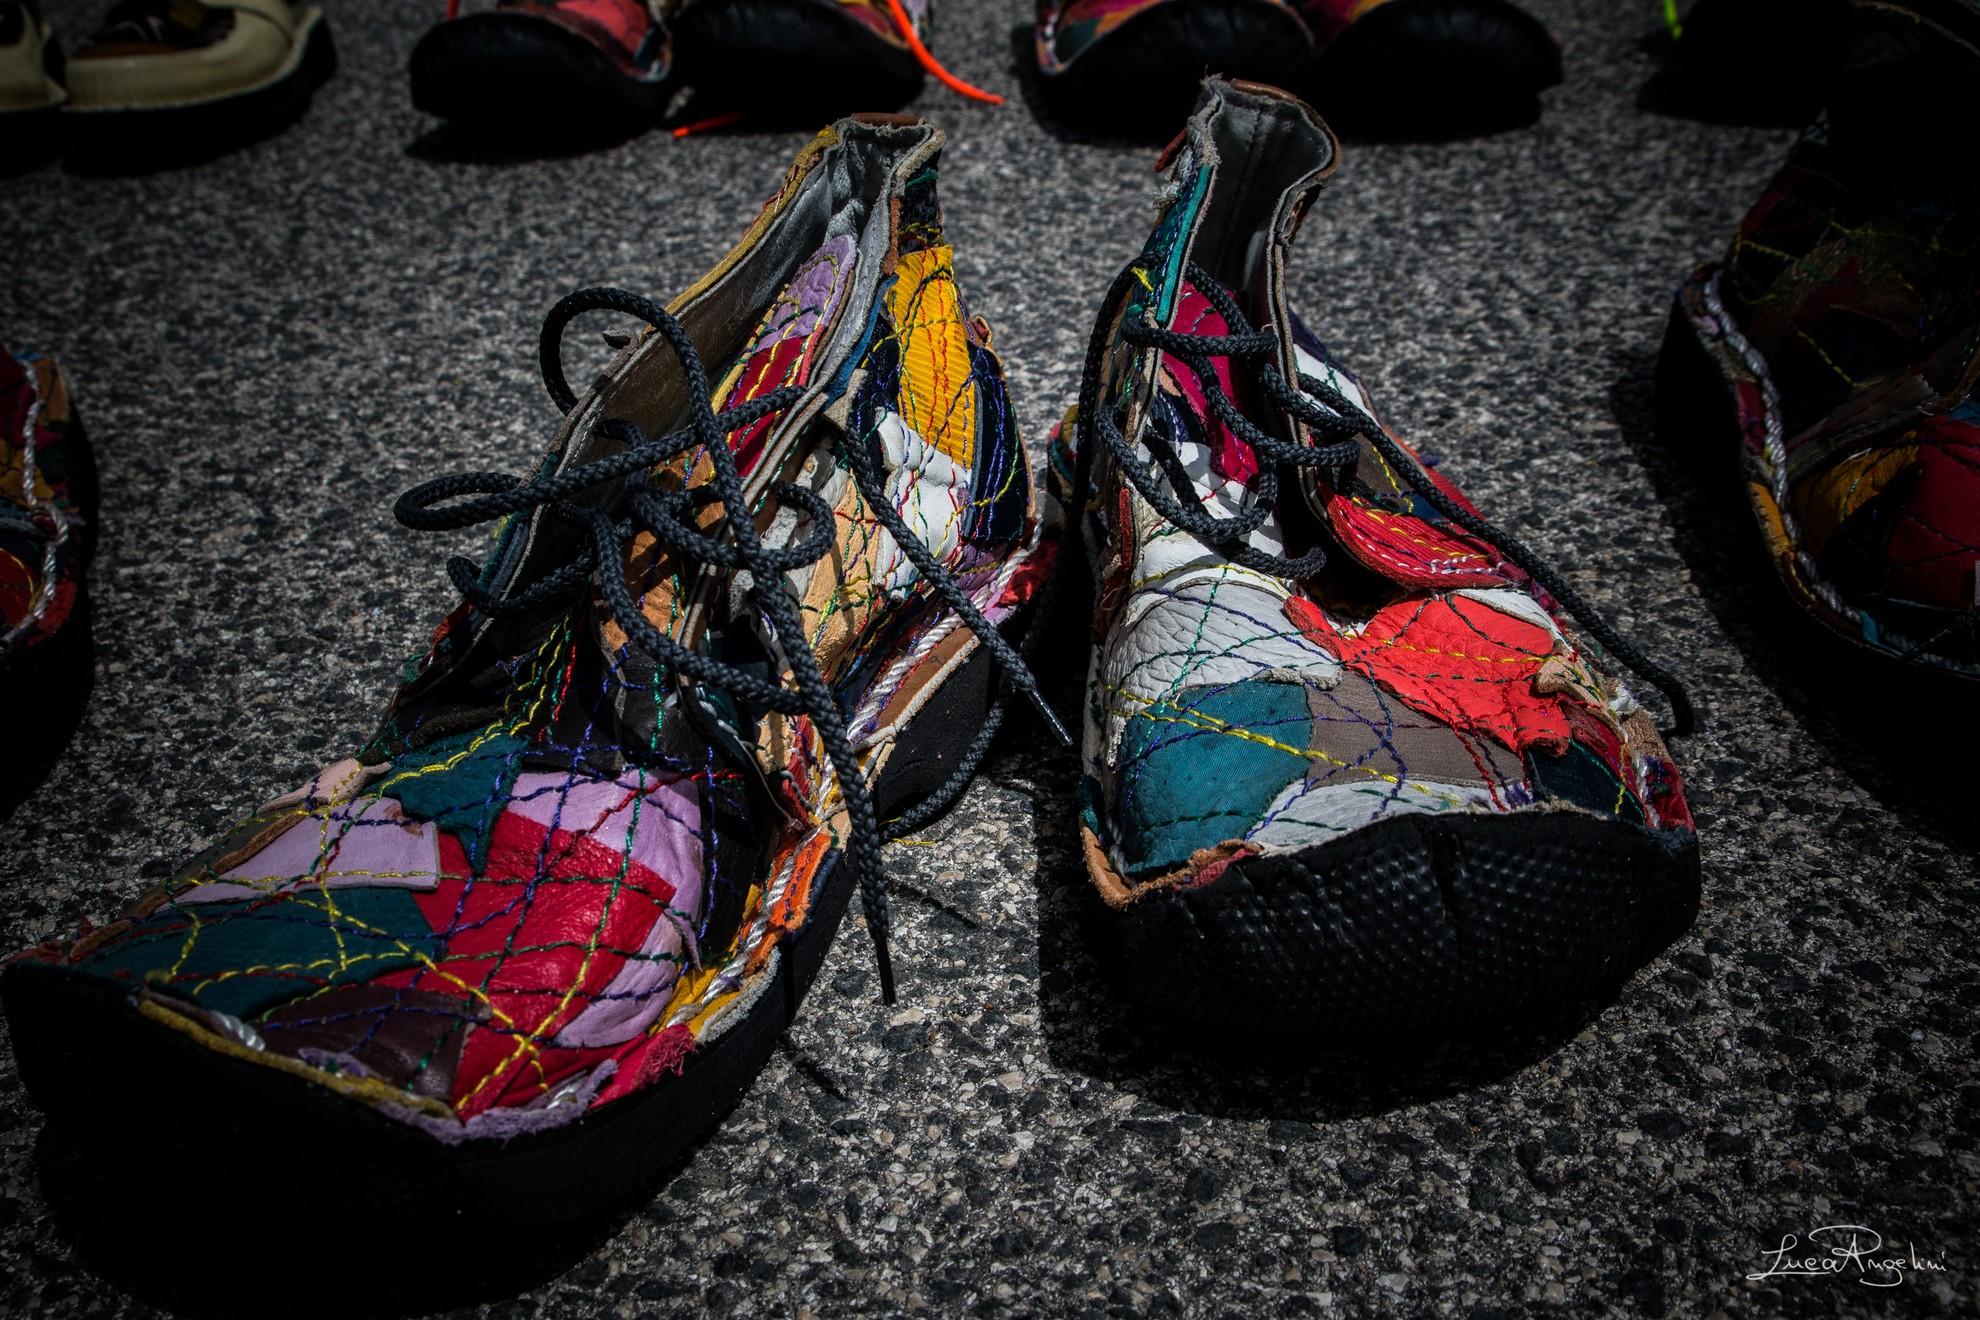 """- HO MESSO VIA - LIGABUE """"... In queste scarpe e su questa terra che dondola dondola dondola dondola...""""⠀"""